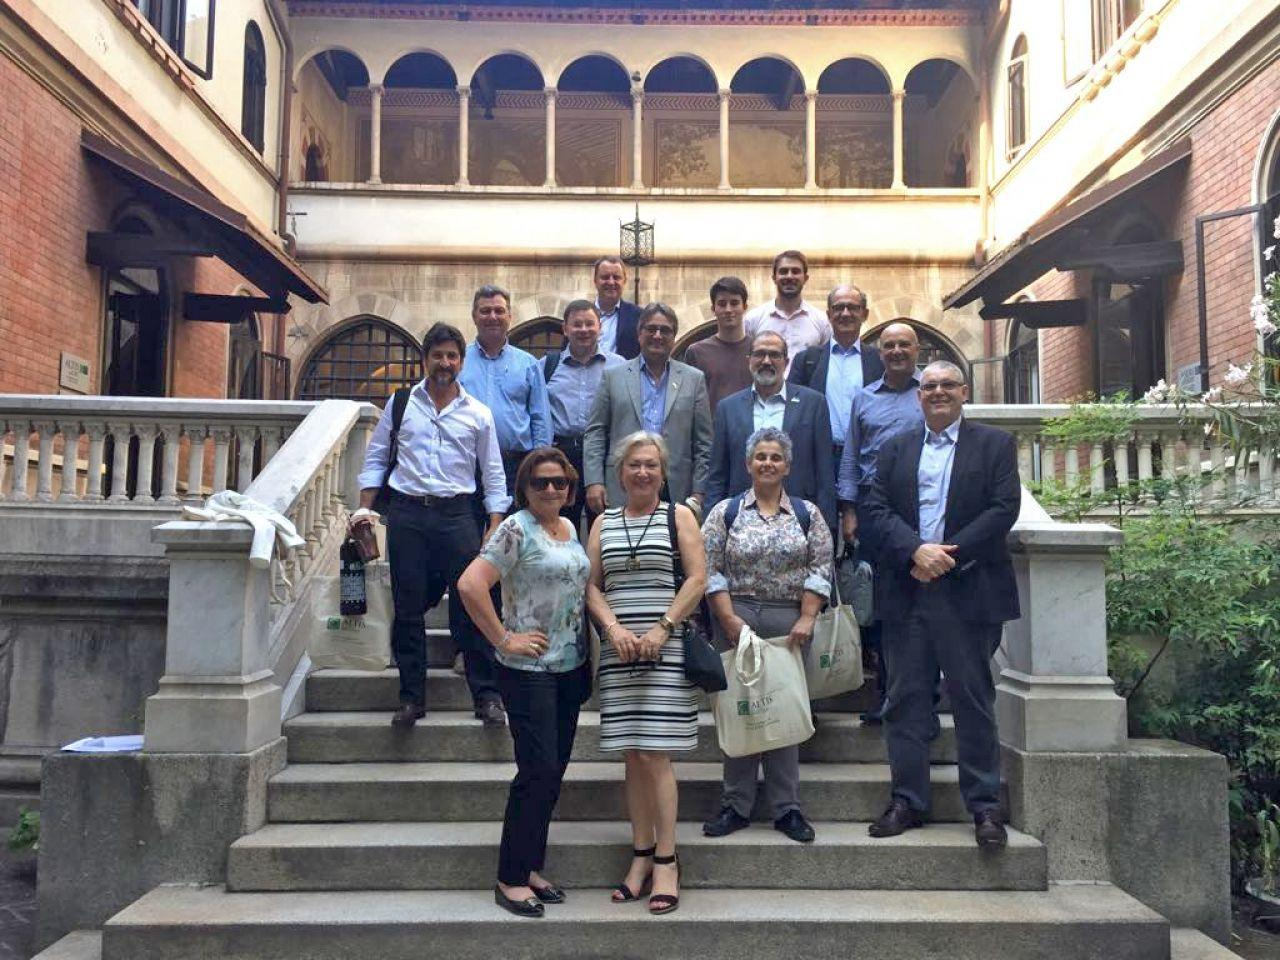 Grupo da Fronteira Sul é recepcionado na Universidade Católica Sagrado Coração (Milão)